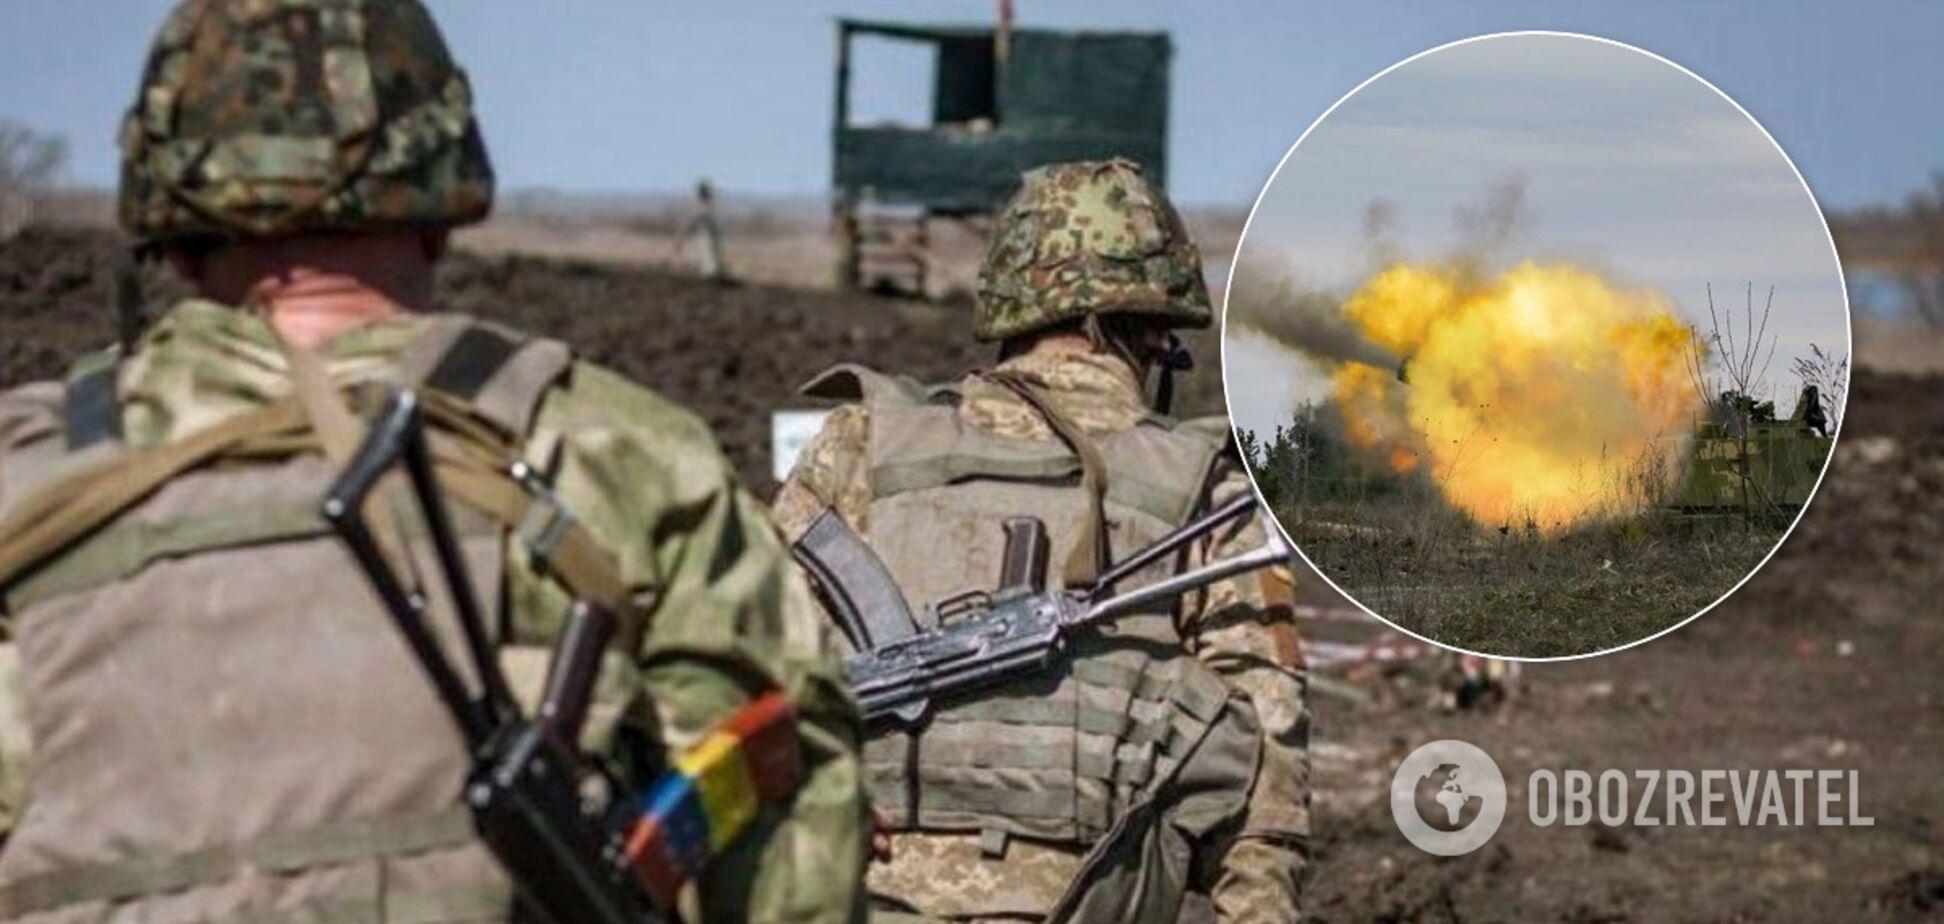 Снайпери Росії напали на ЗСУ на Донбасі: трапилася трагедія